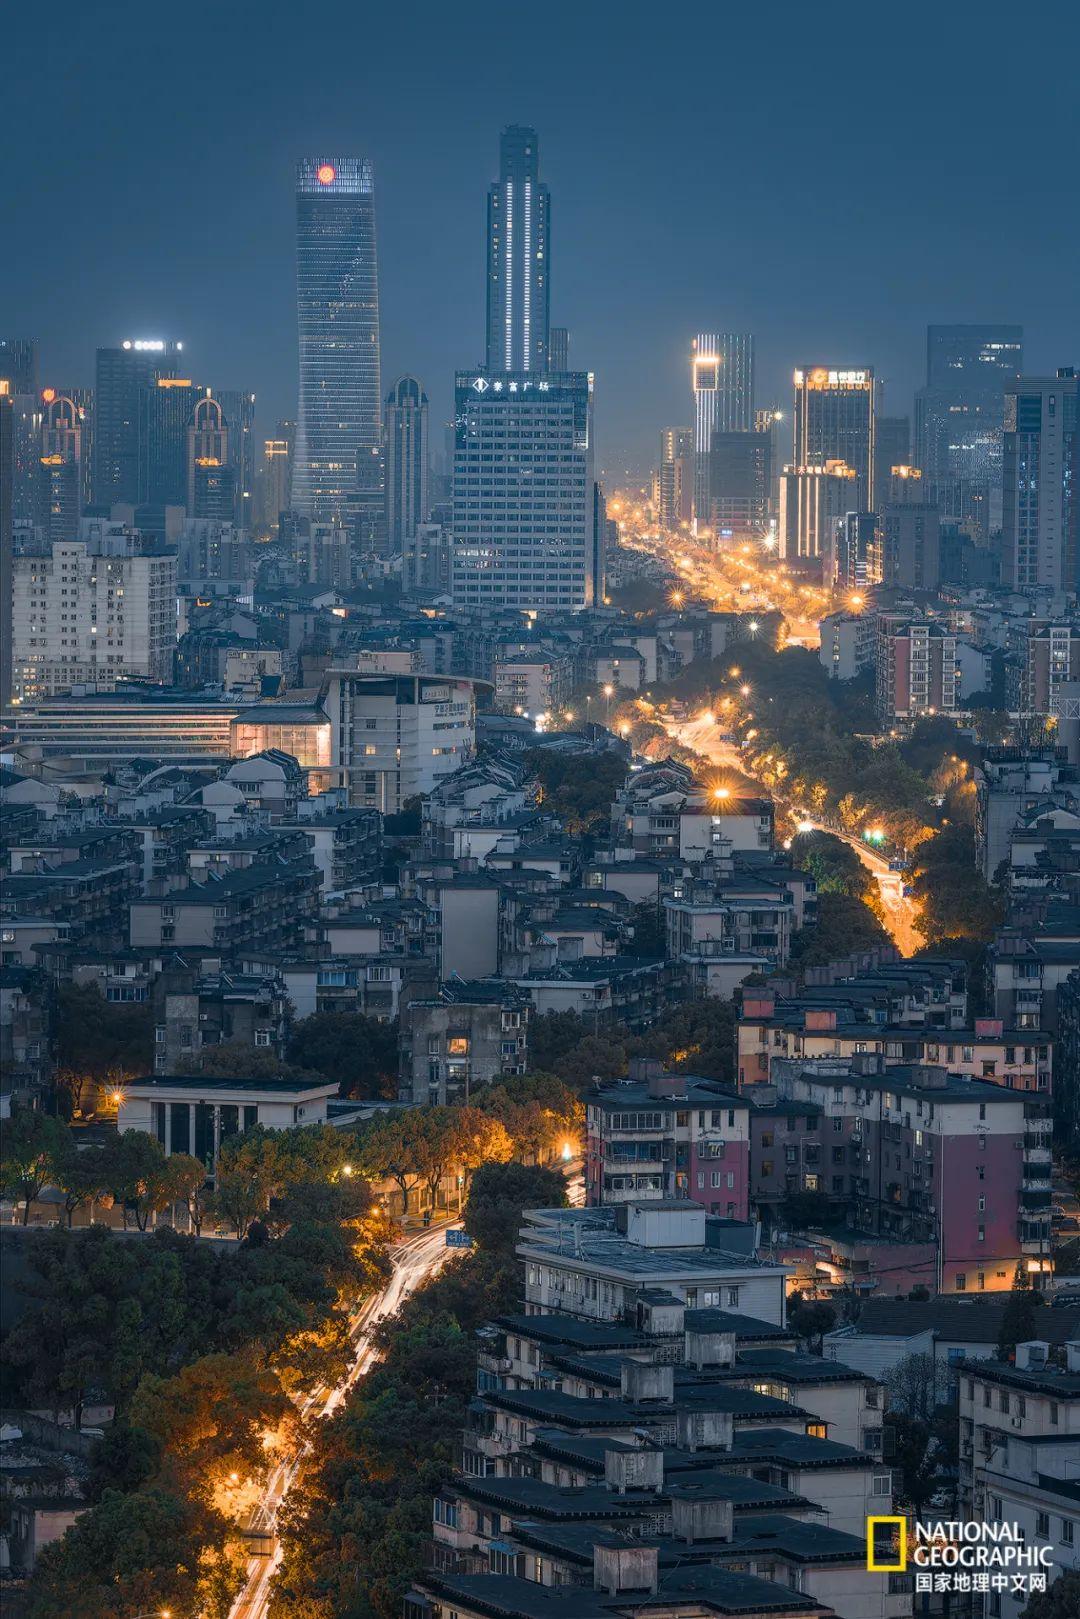 从宁波老城区通往繁华之路